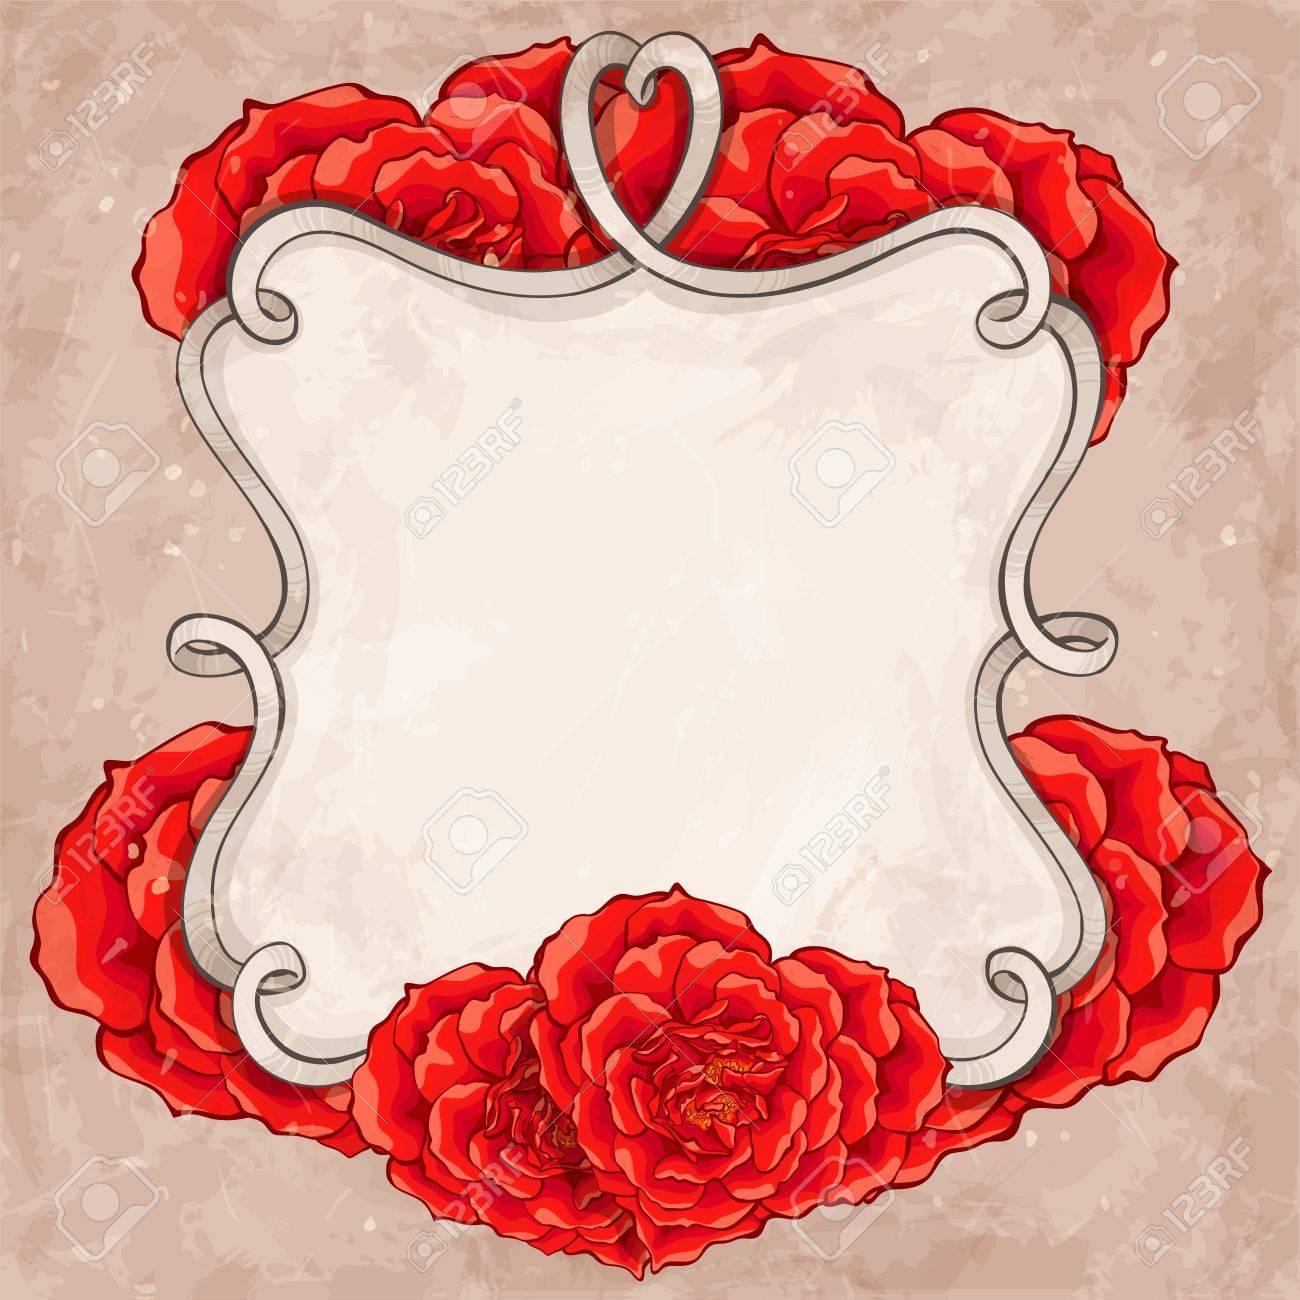 Red roses frame - 18305090